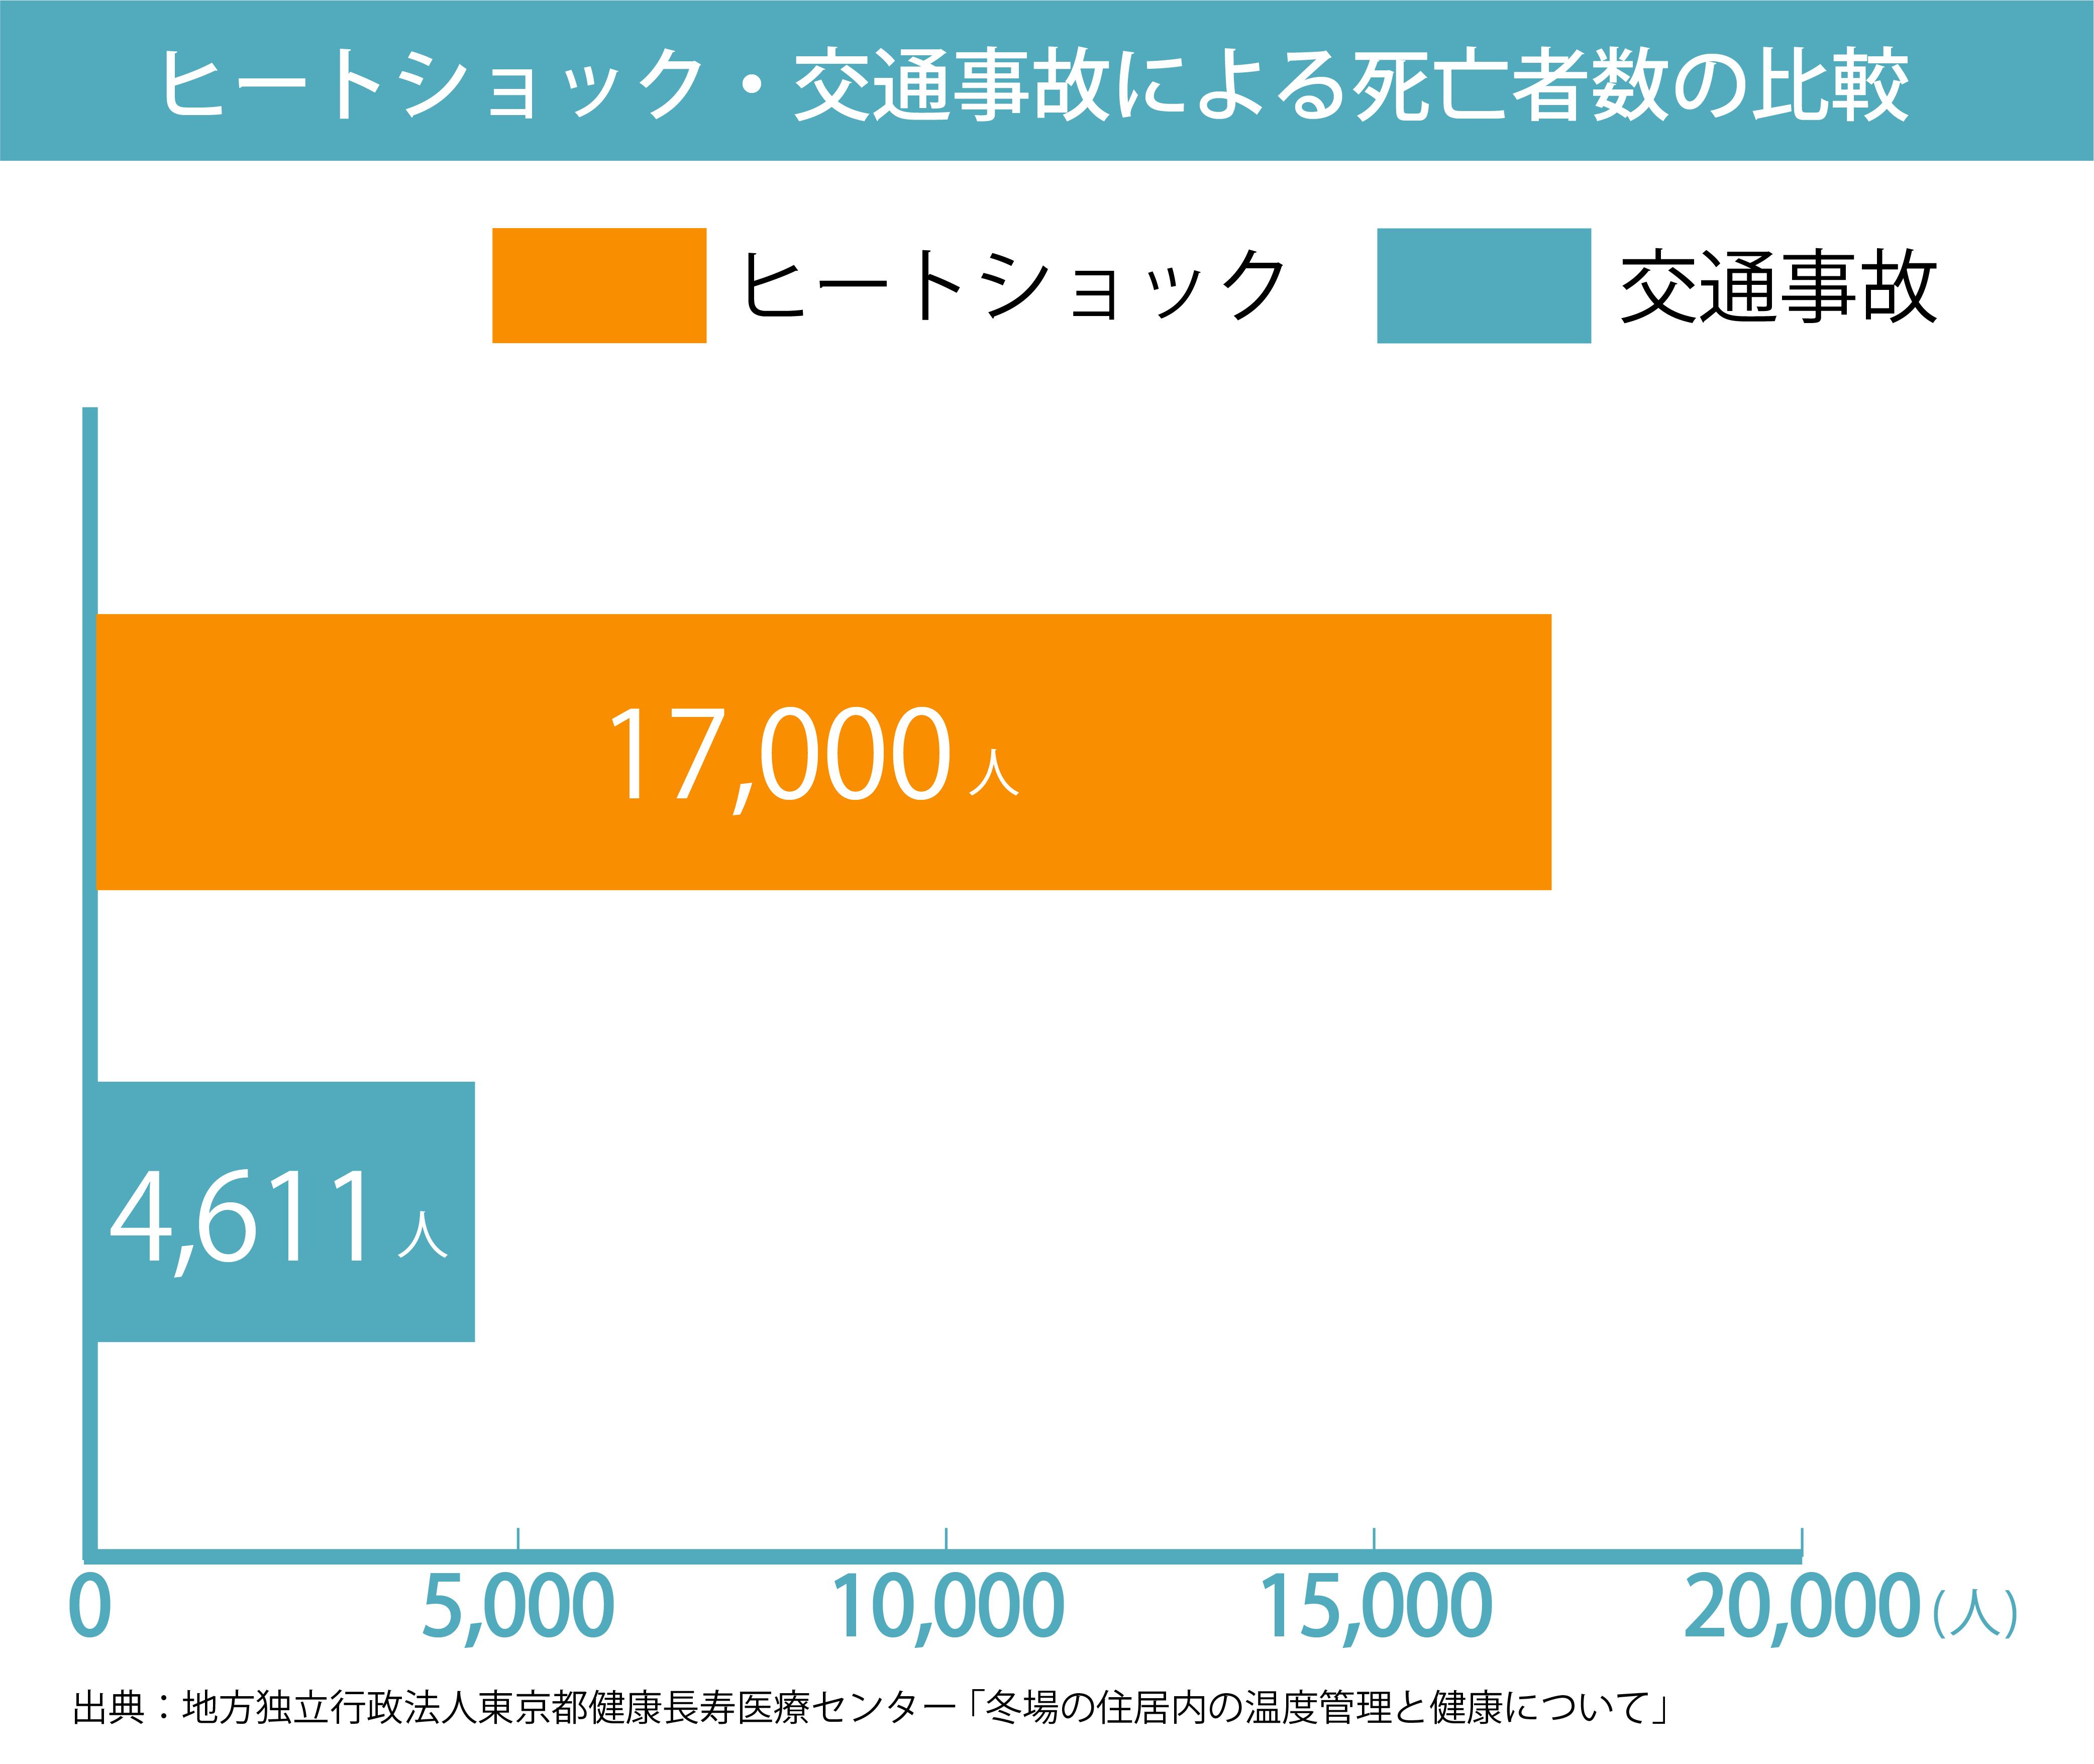 ヒートショック・交通事故による死亡者数の比較